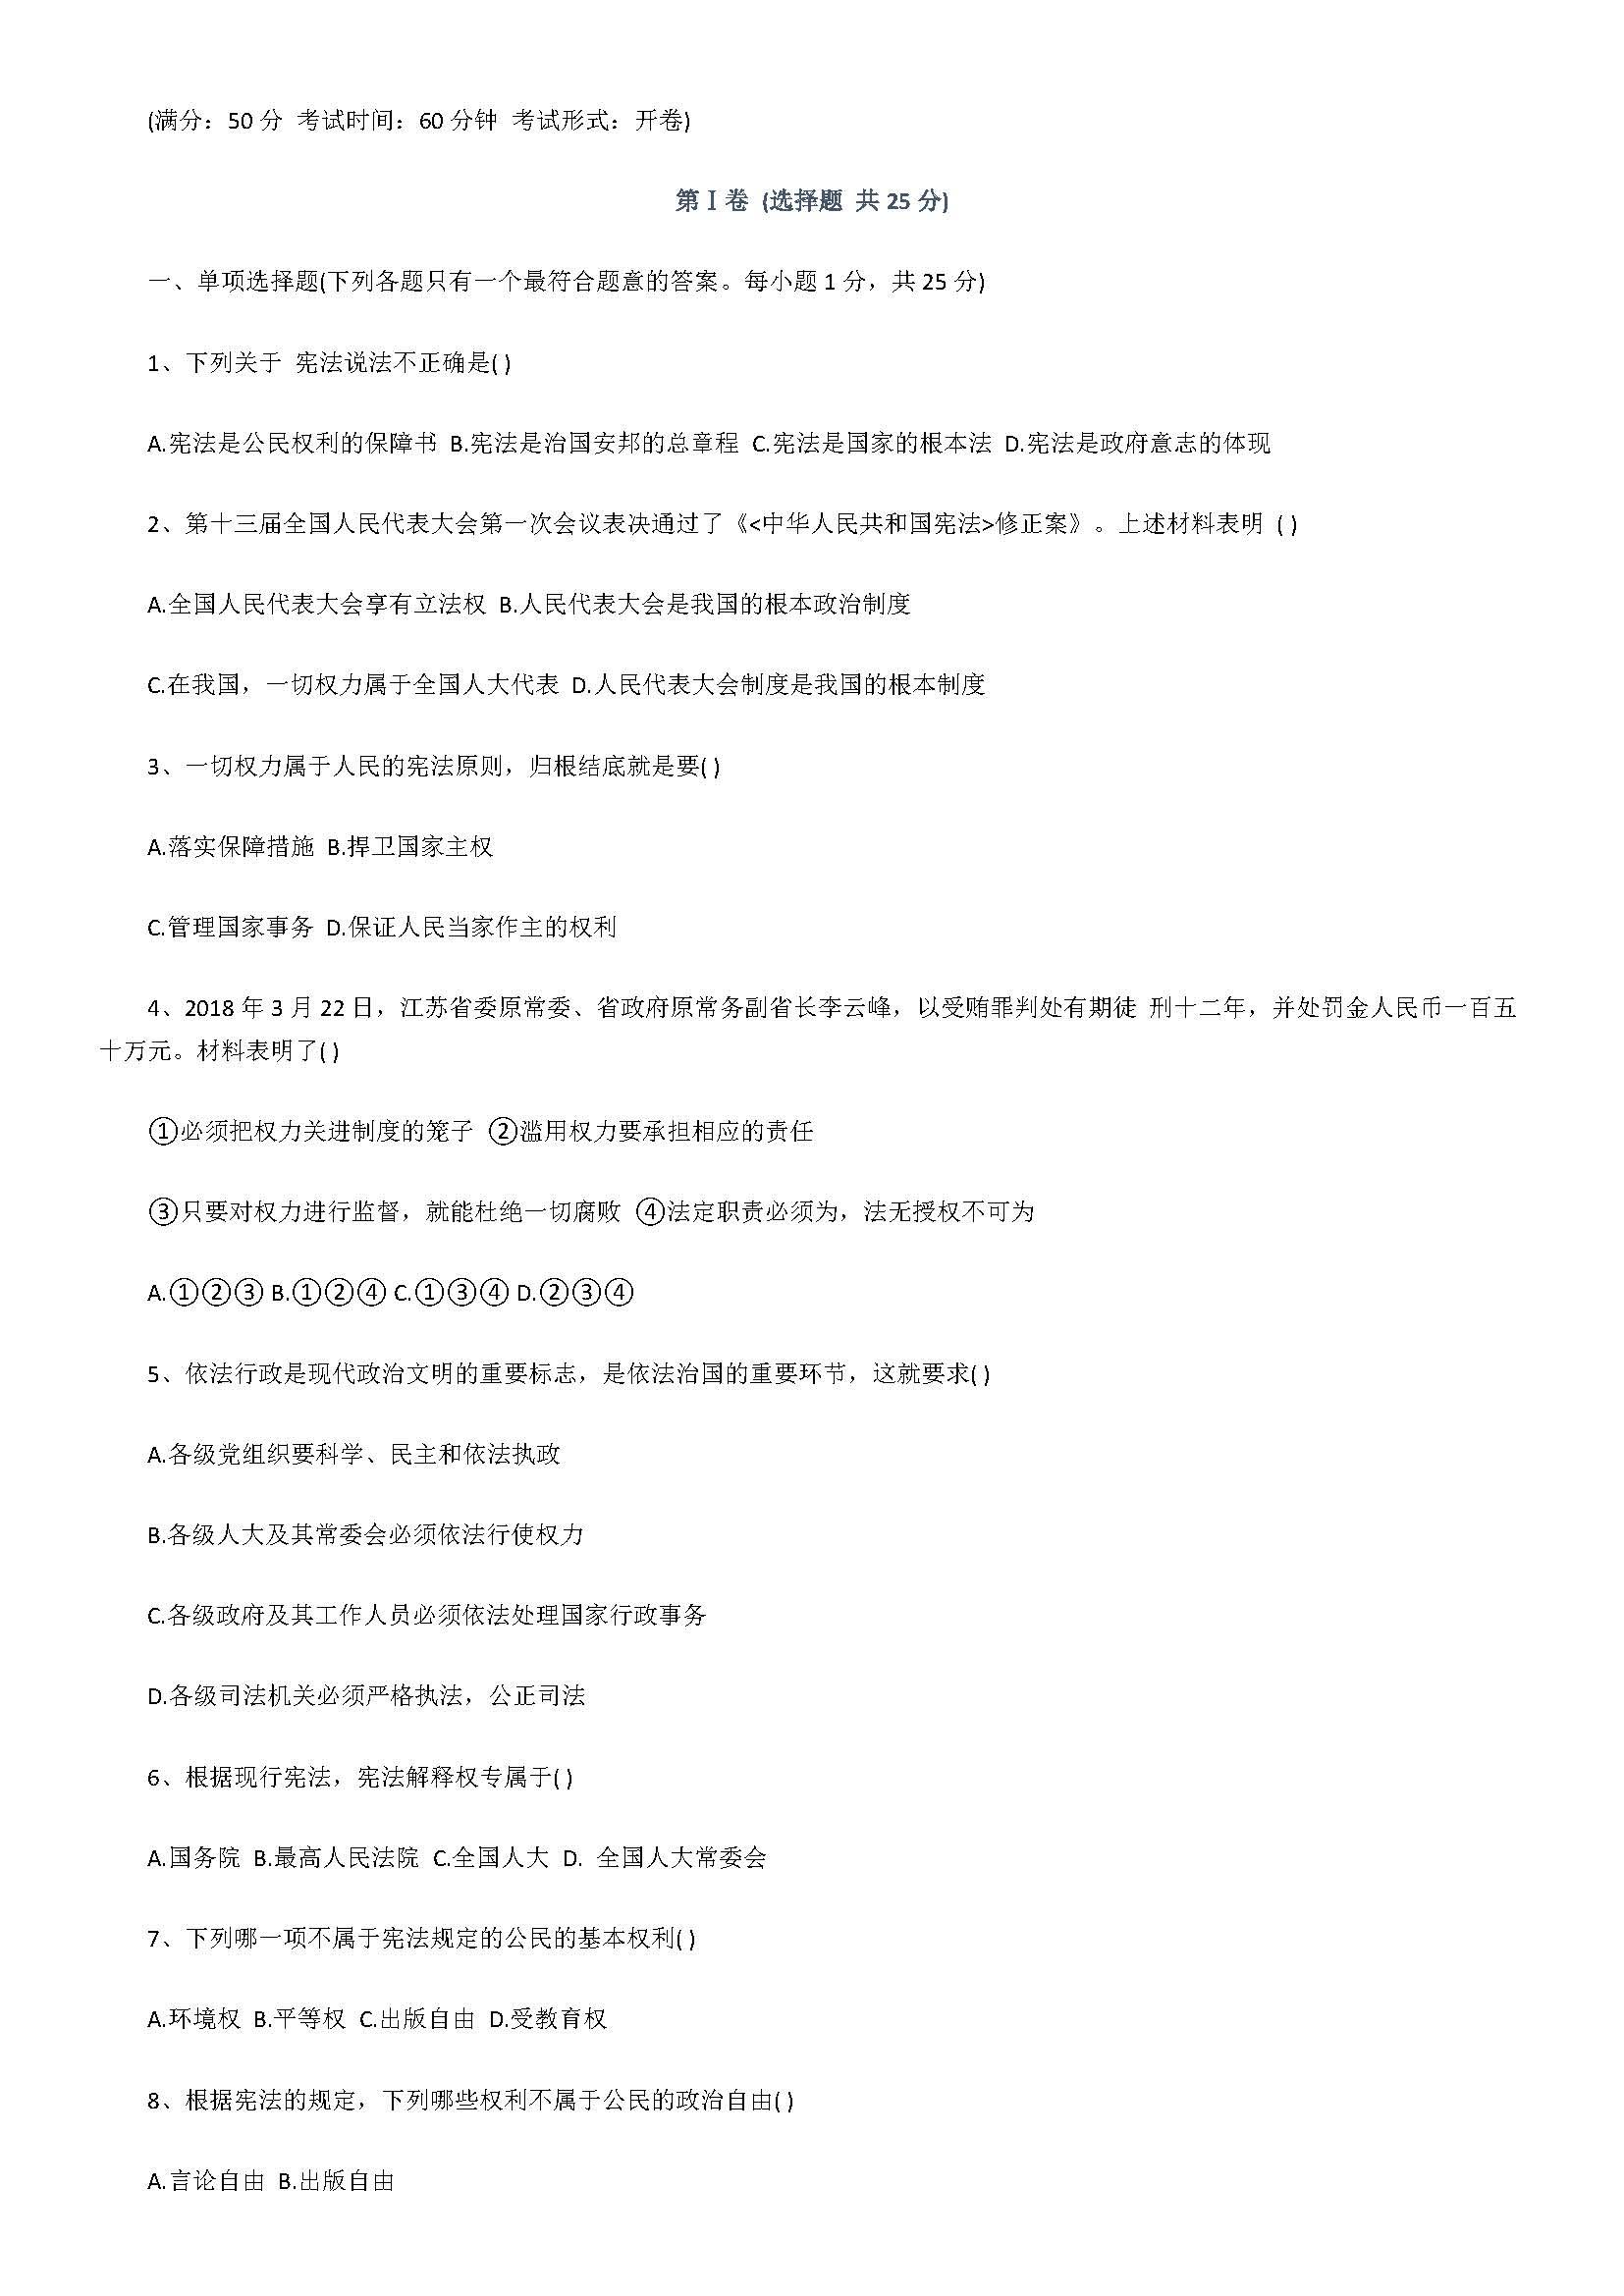 新人教版2018八年级政治下册期末测试题含答案(江苏省高邮市)